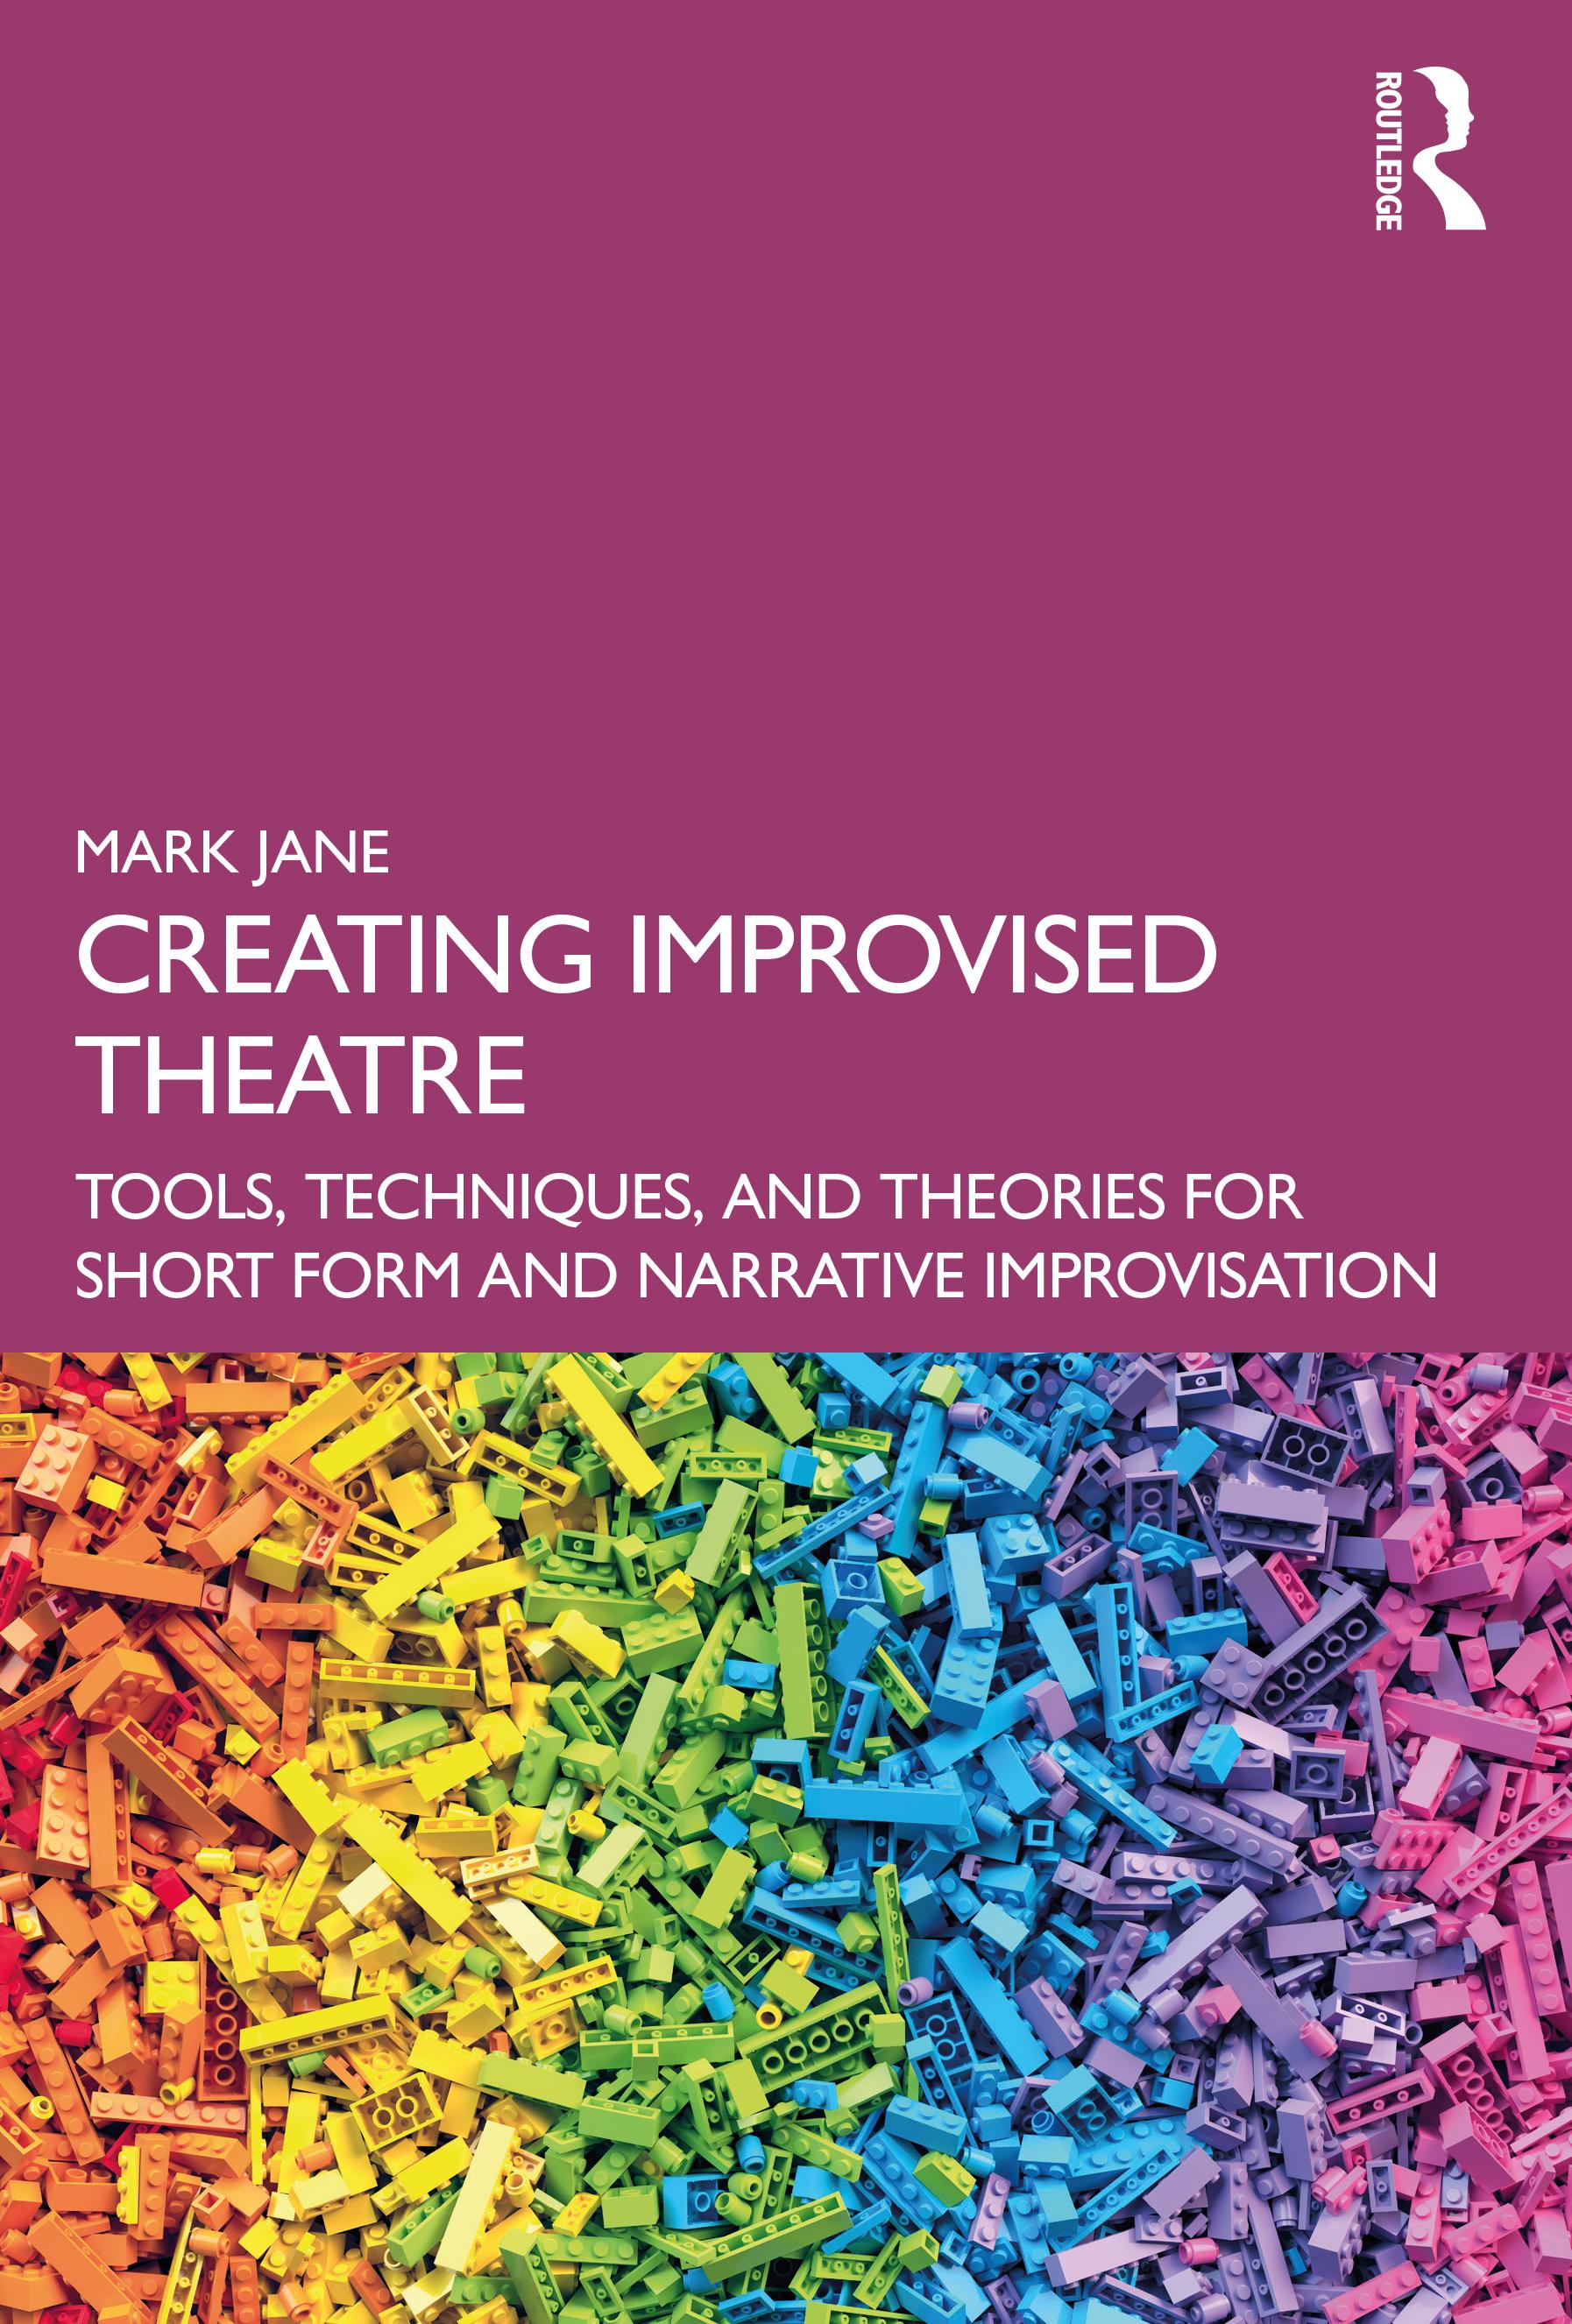 Creating Improvised Theatre